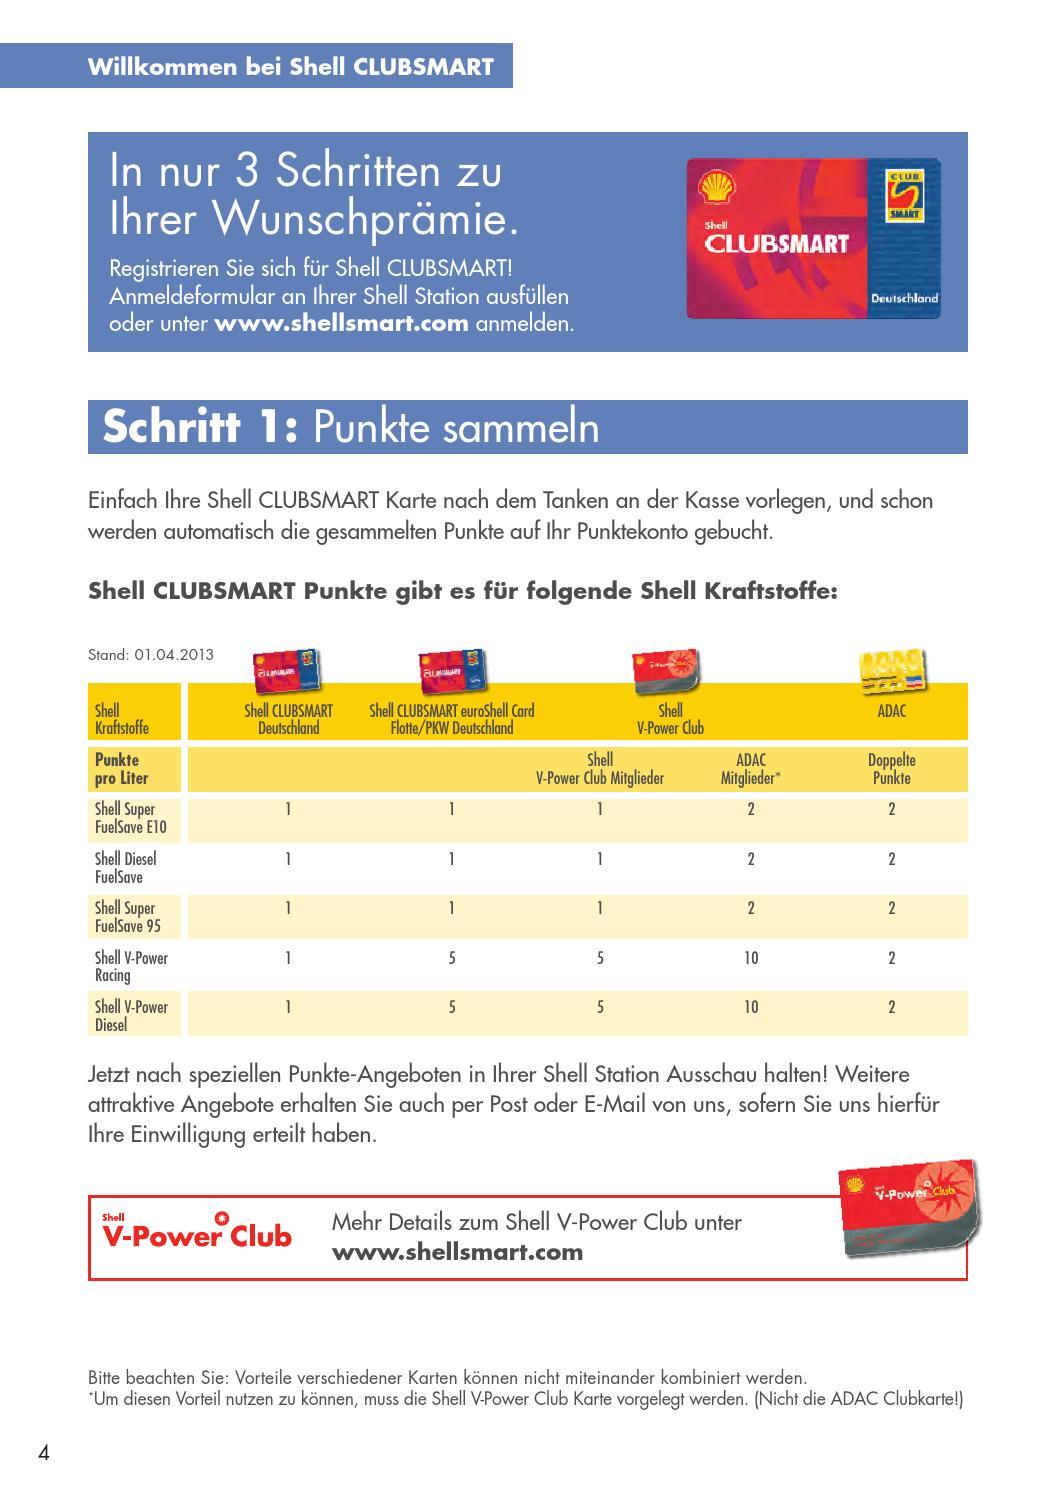 Shell Clubsmart Deutschland